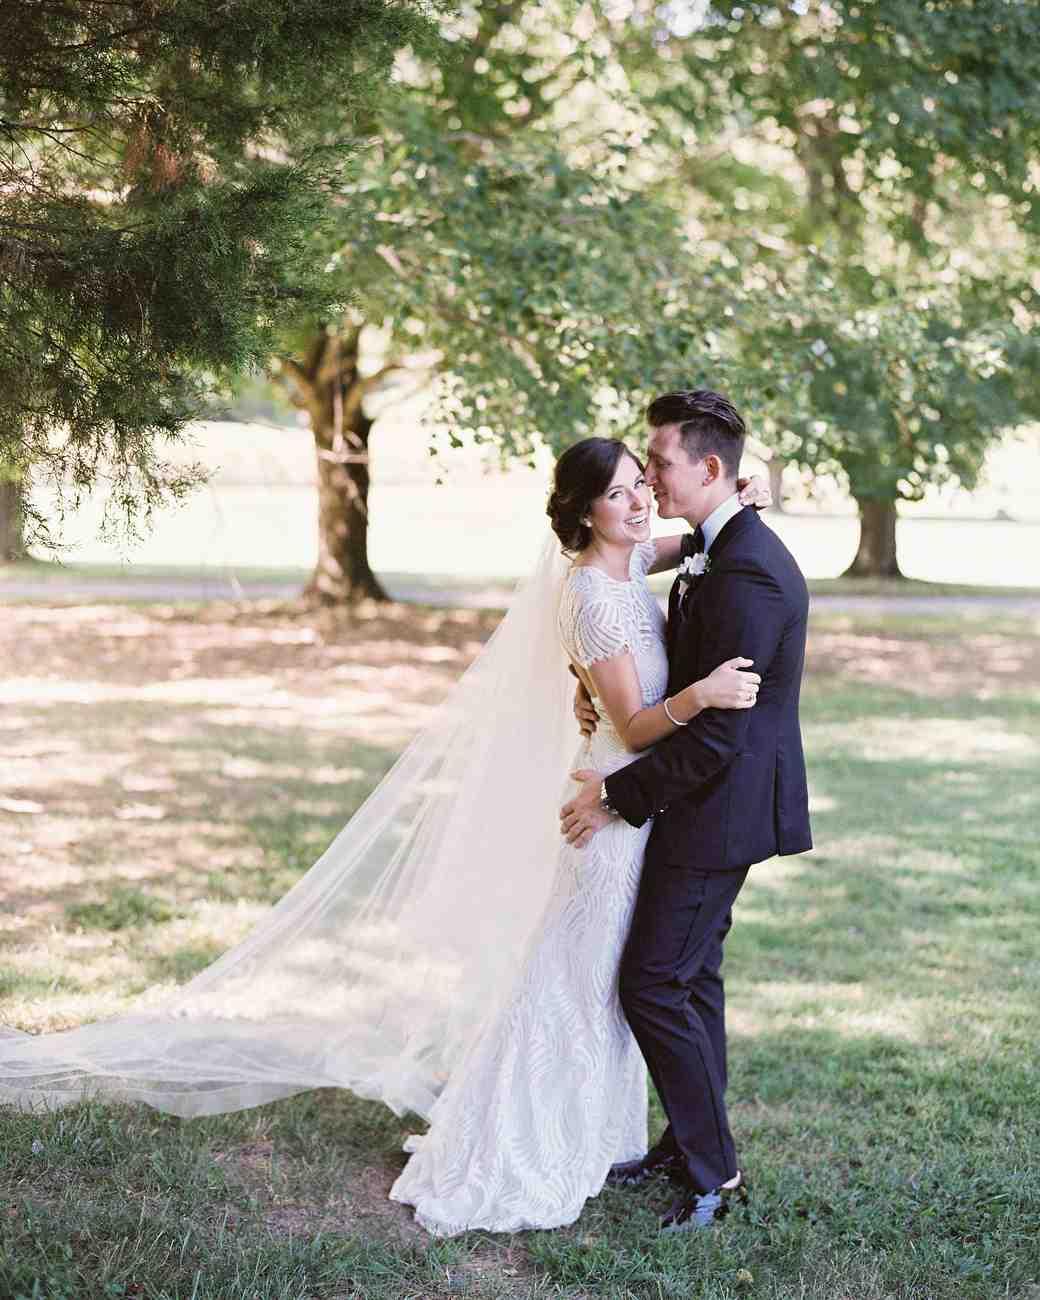 amy-garrison-wedding-couple-00206-6134266-0816.jpg